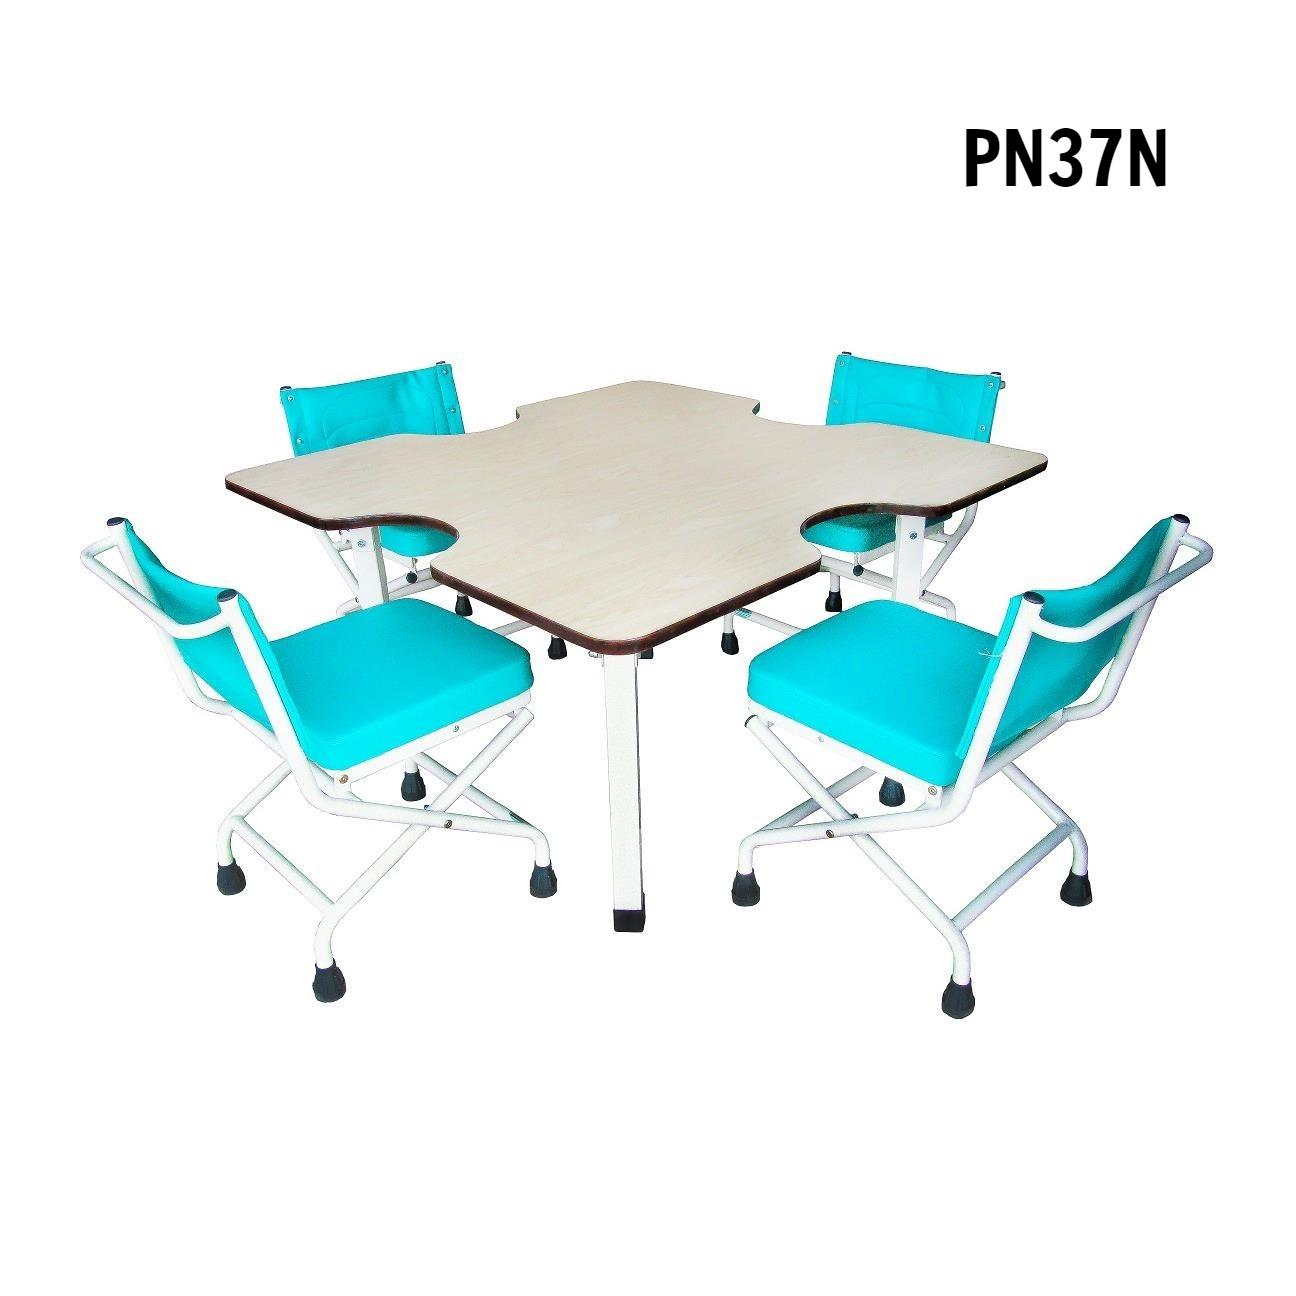 PN37N - Bàn tập hoạt động trị liệu (trẻ em) - PHCN